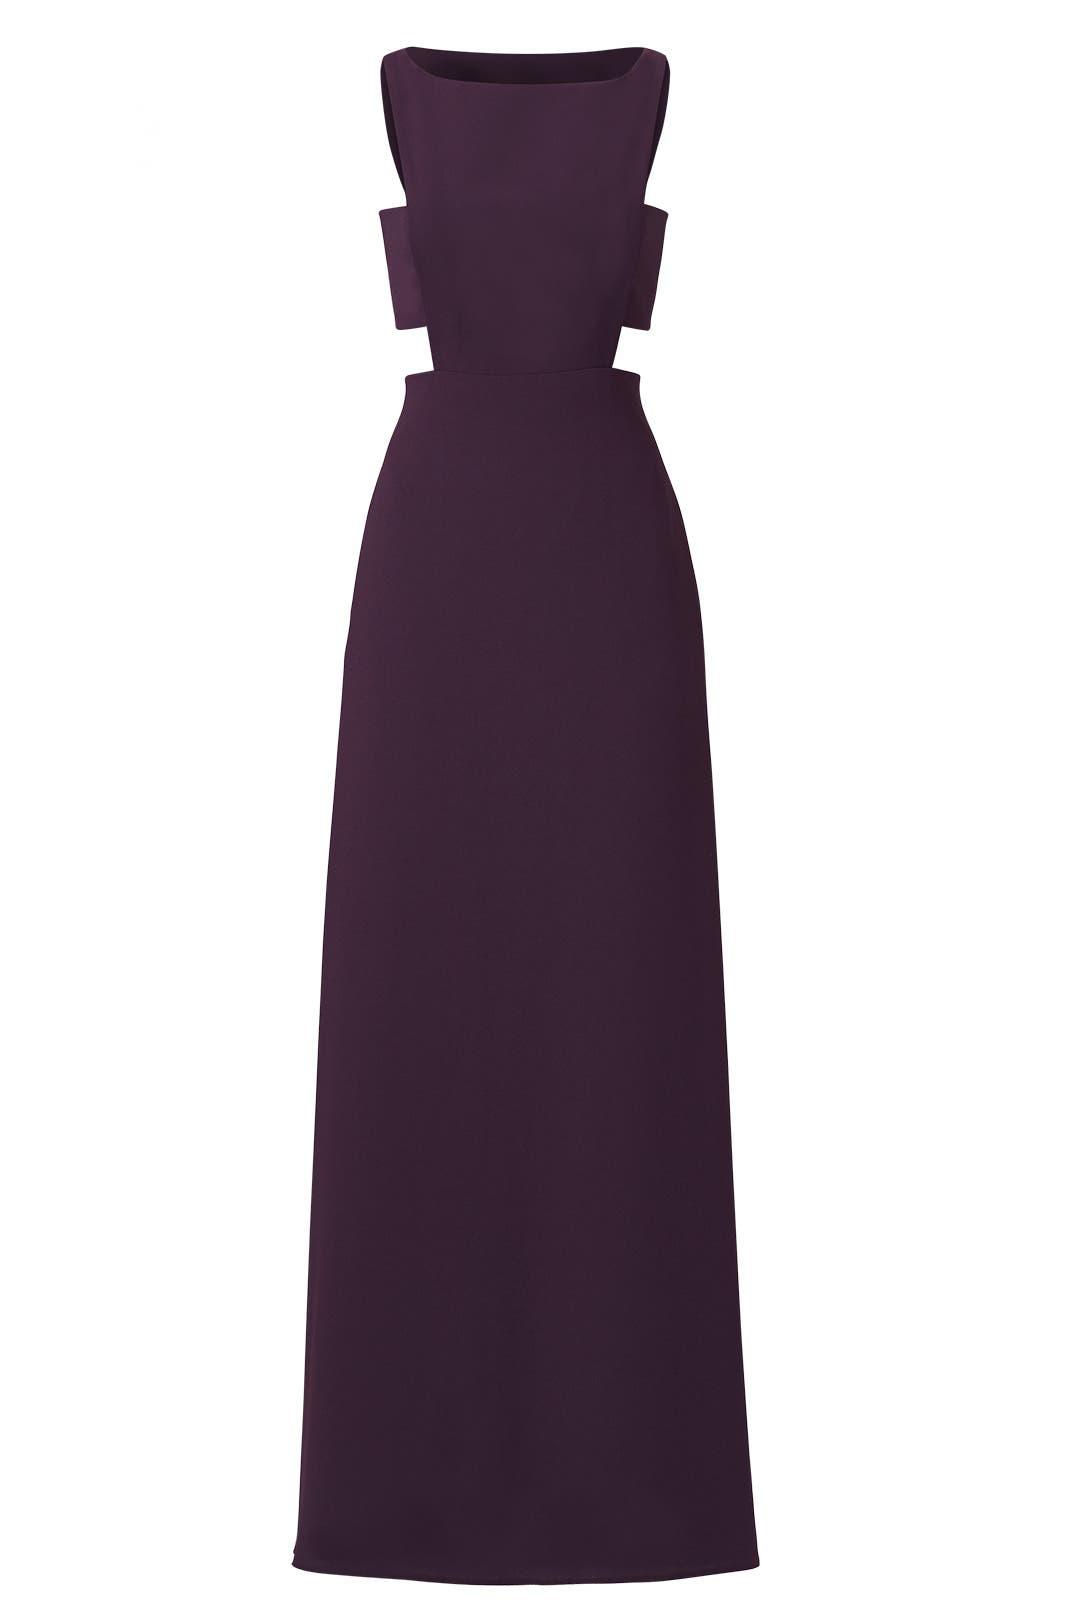 Elderberry Side Cut Out Gown by Jill Jill Stuart for $75 - $85 ...